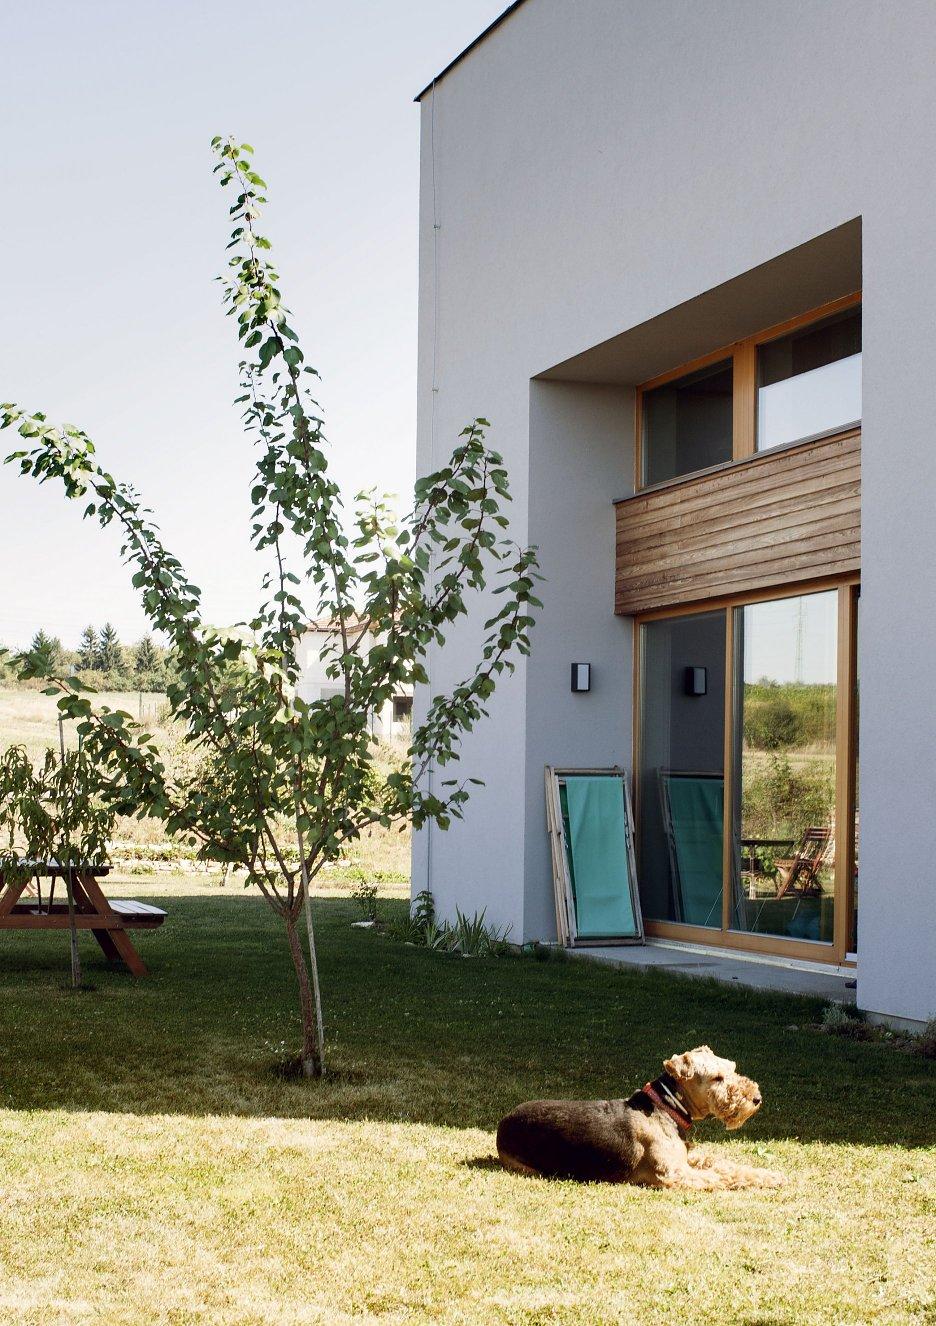 Zapustenie okien chráni miestnosť pred ostrým slnečným svetlom avytvára vinteriéri hlboké niky pre vstavaný nábytok.